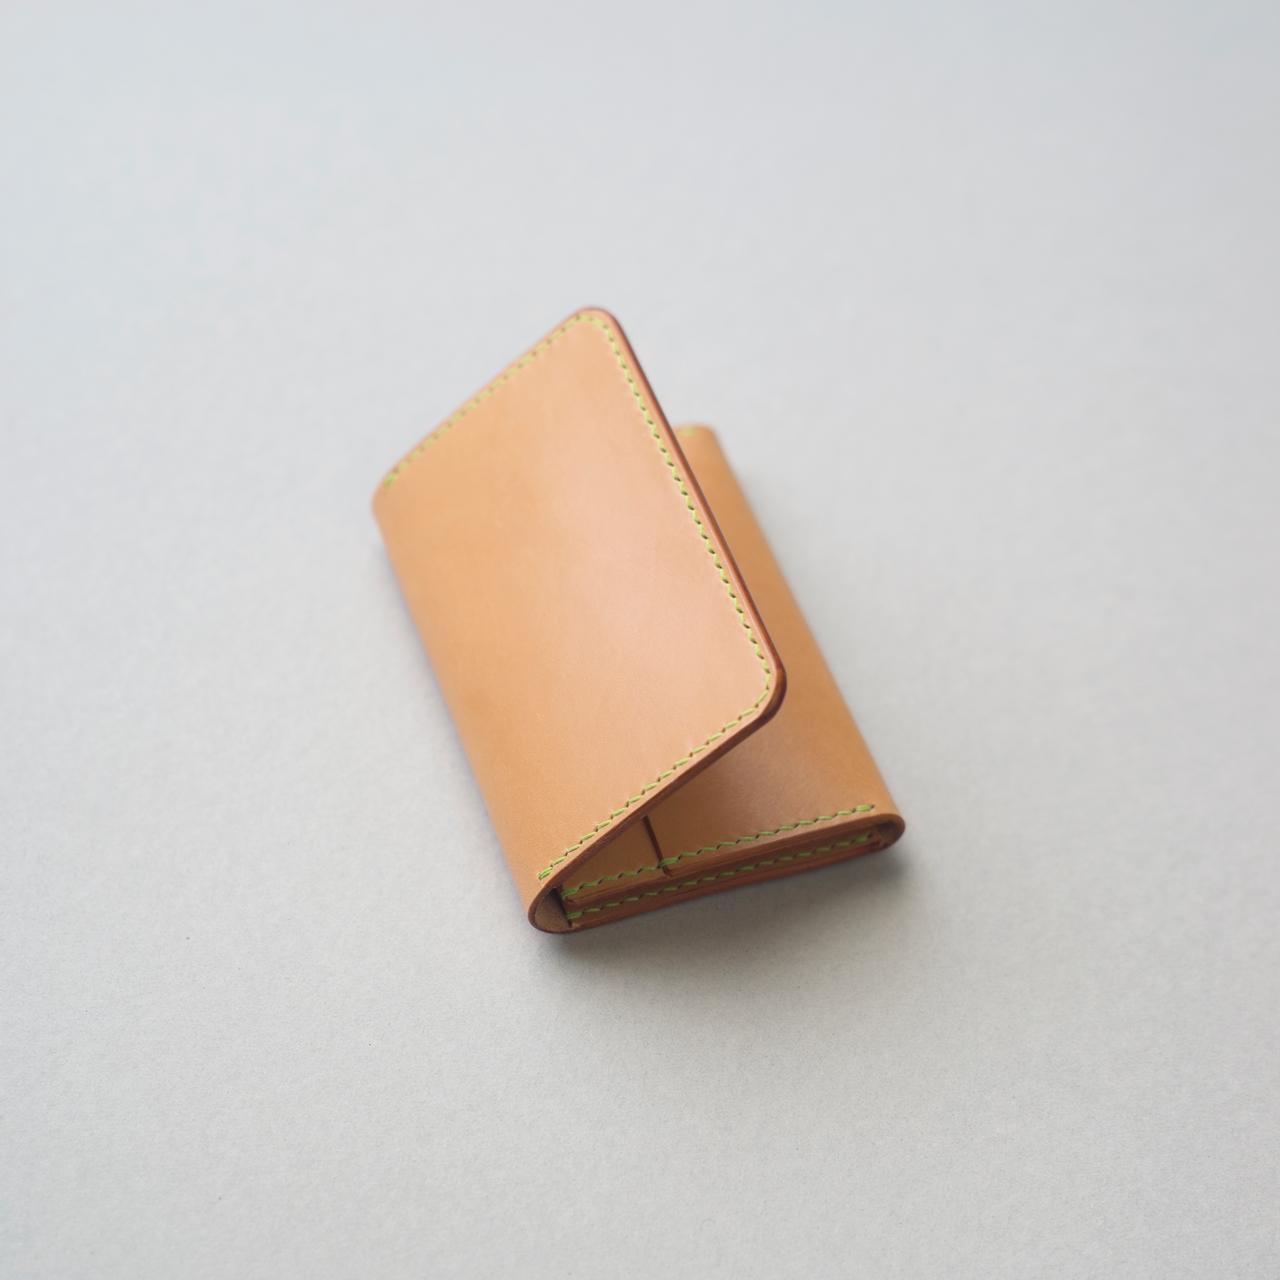 生成りヴィンテージのカードケース3型をつくる